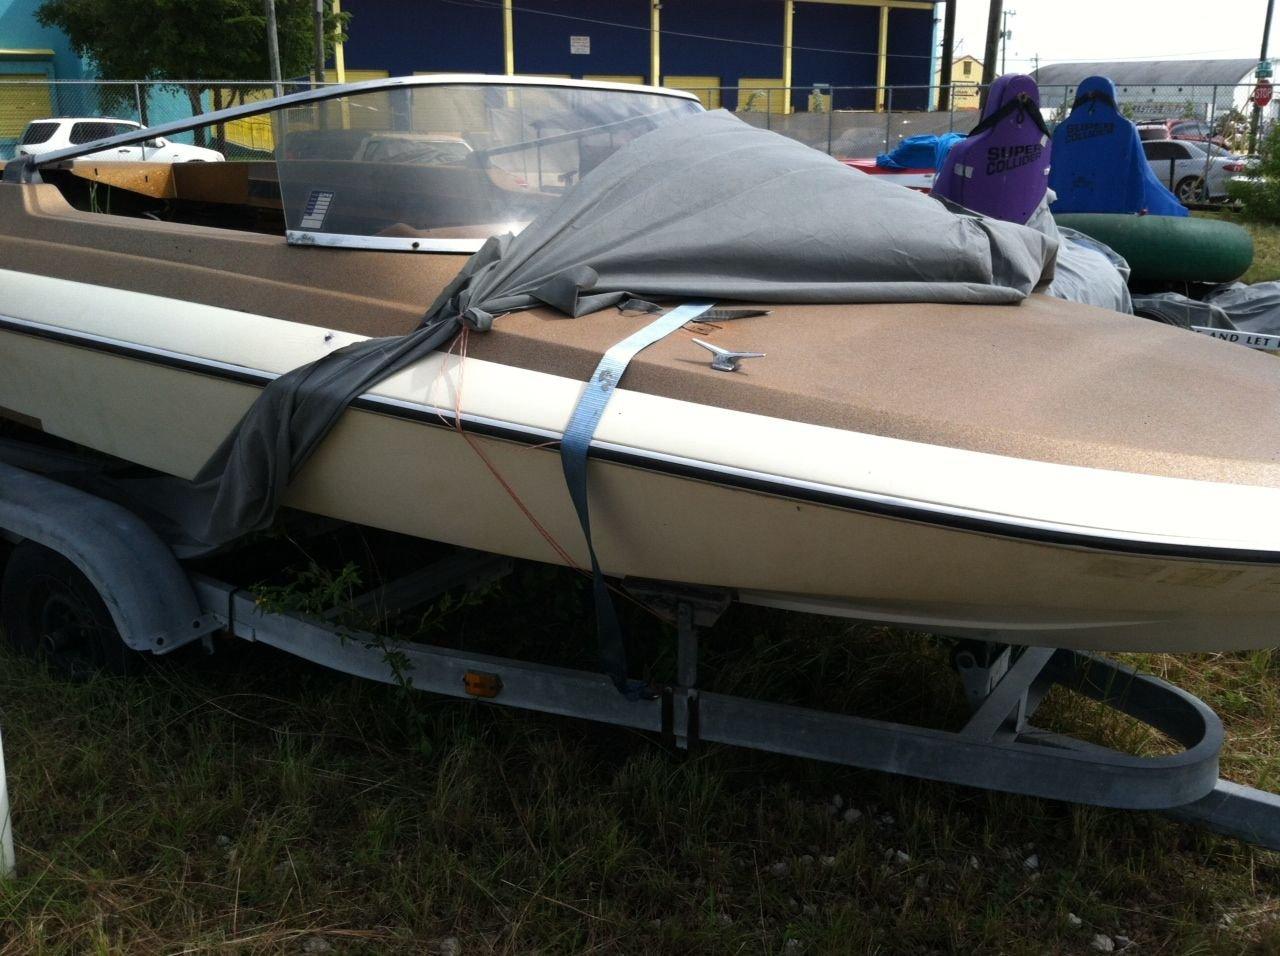 1973 glastron cv 19 boat